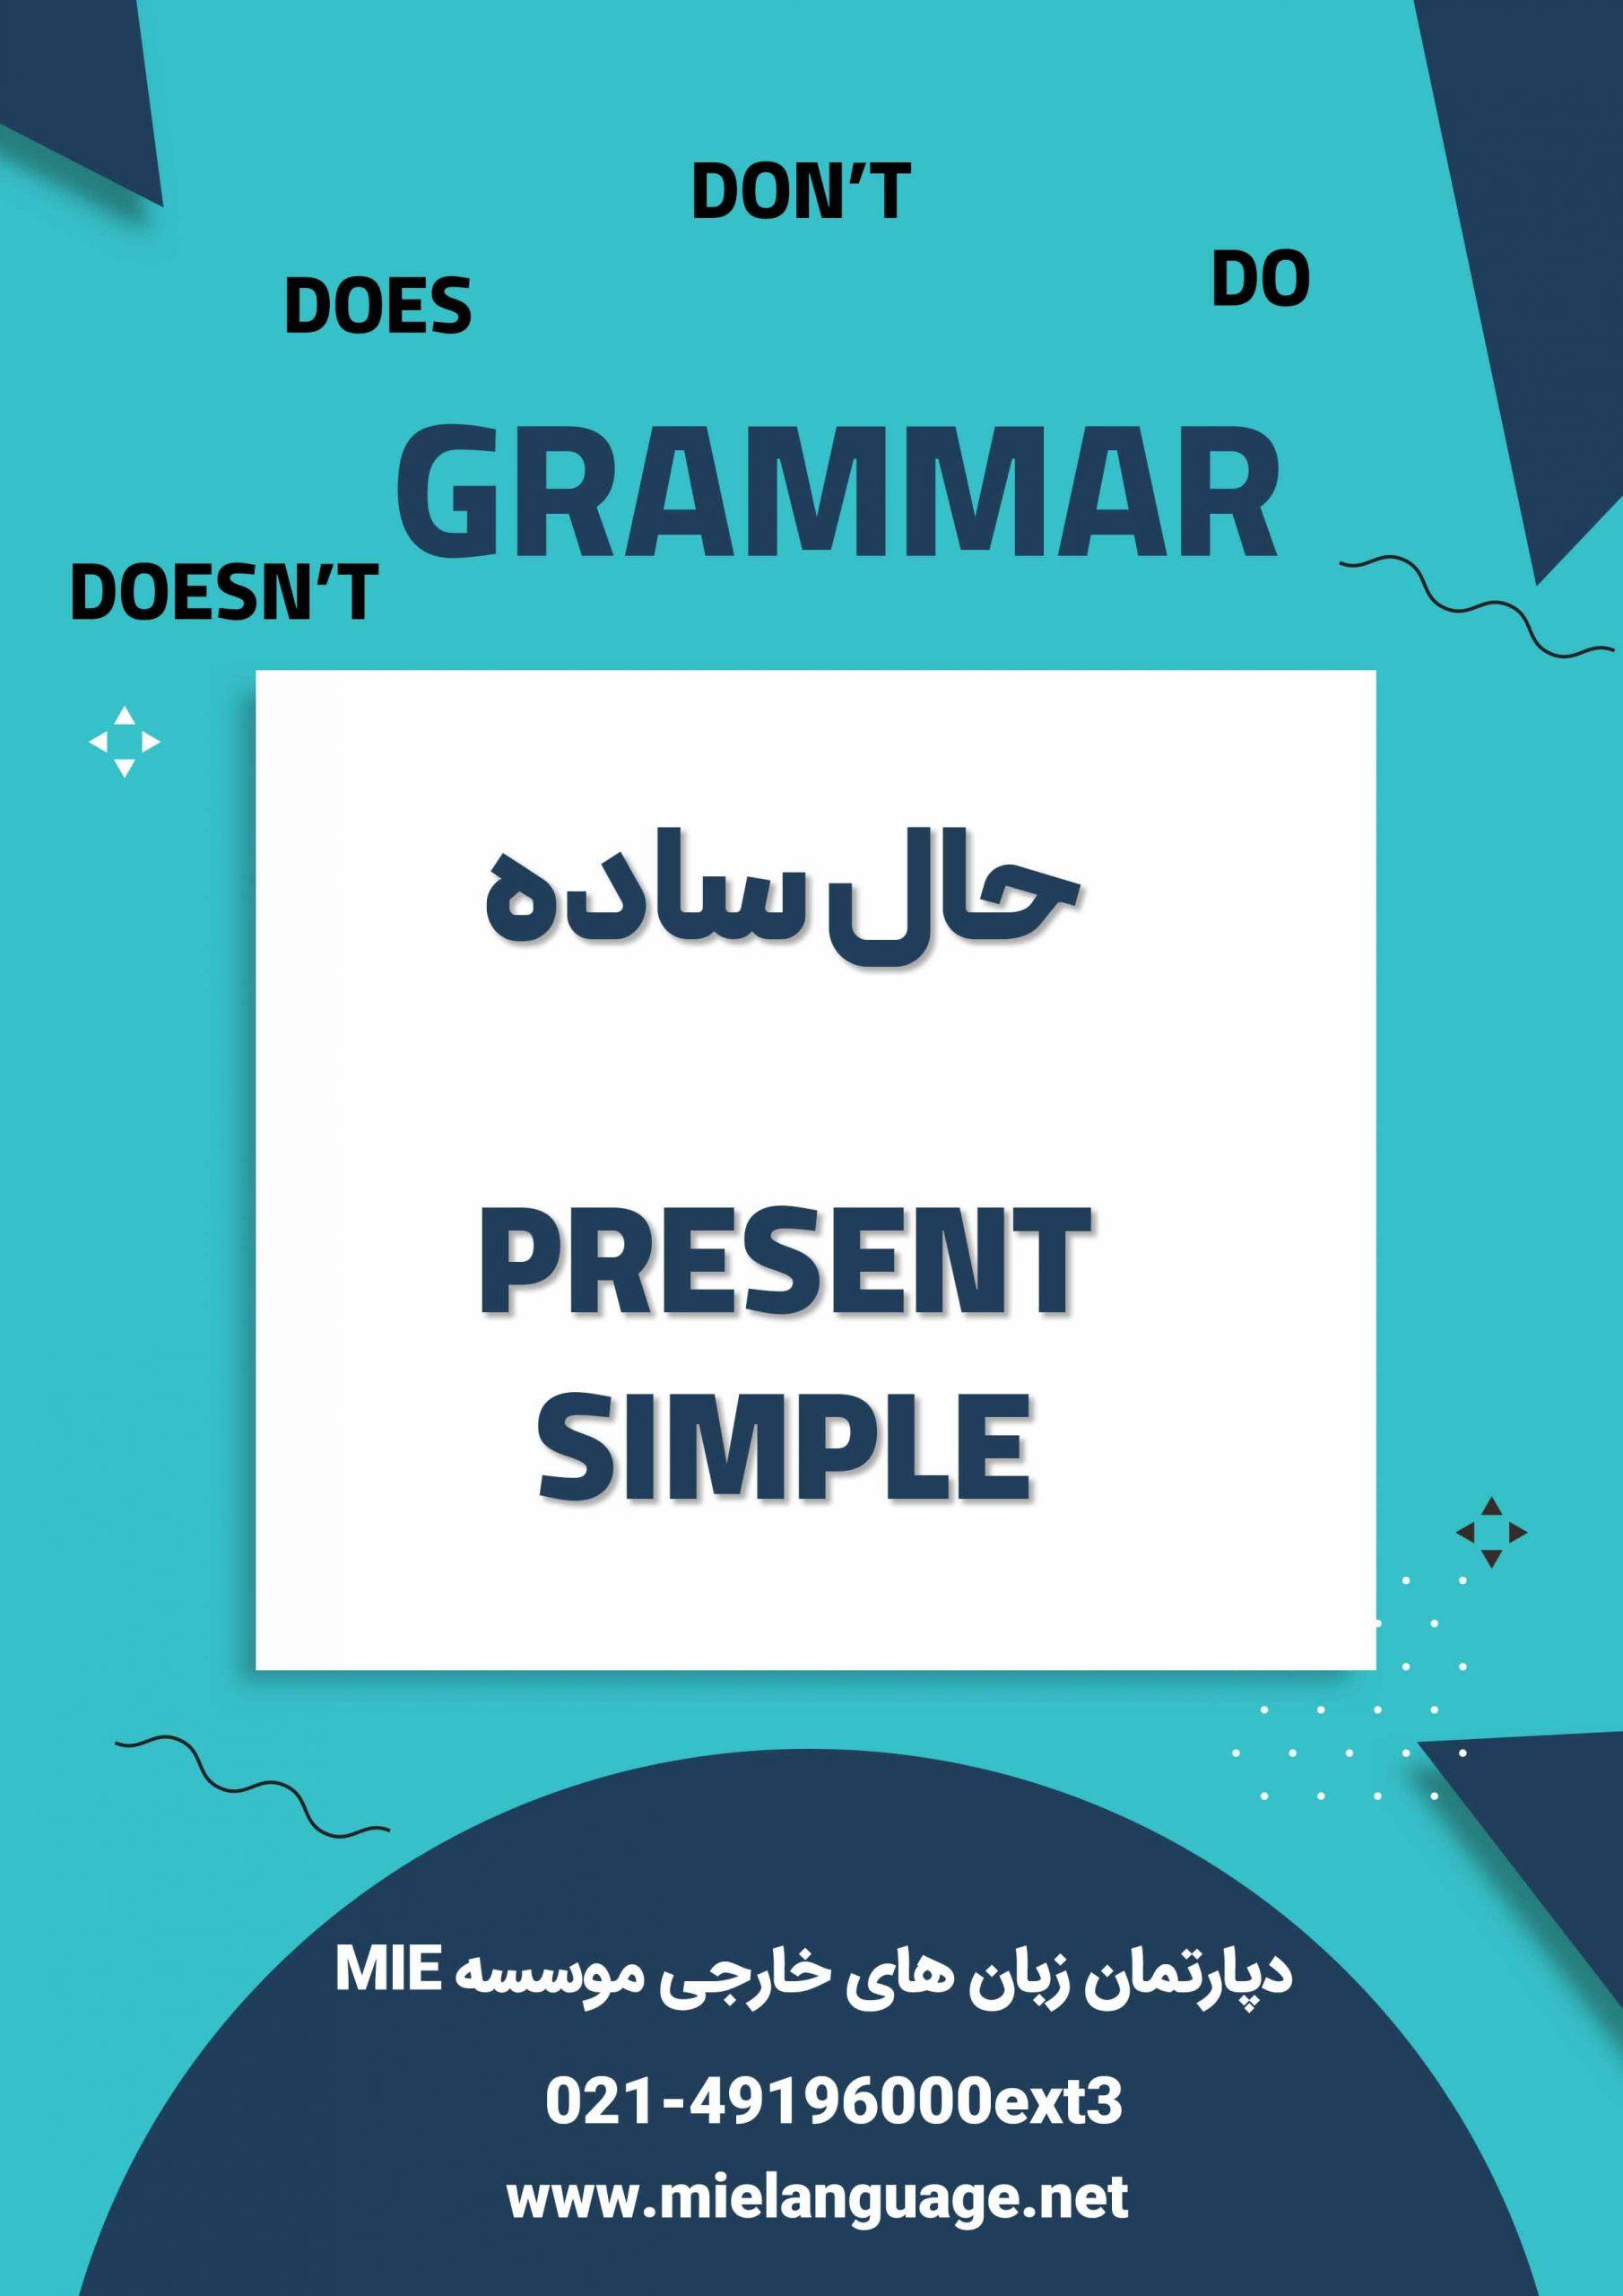 نکات کاربردی حال ساده ( PRESENT SIMPLE )